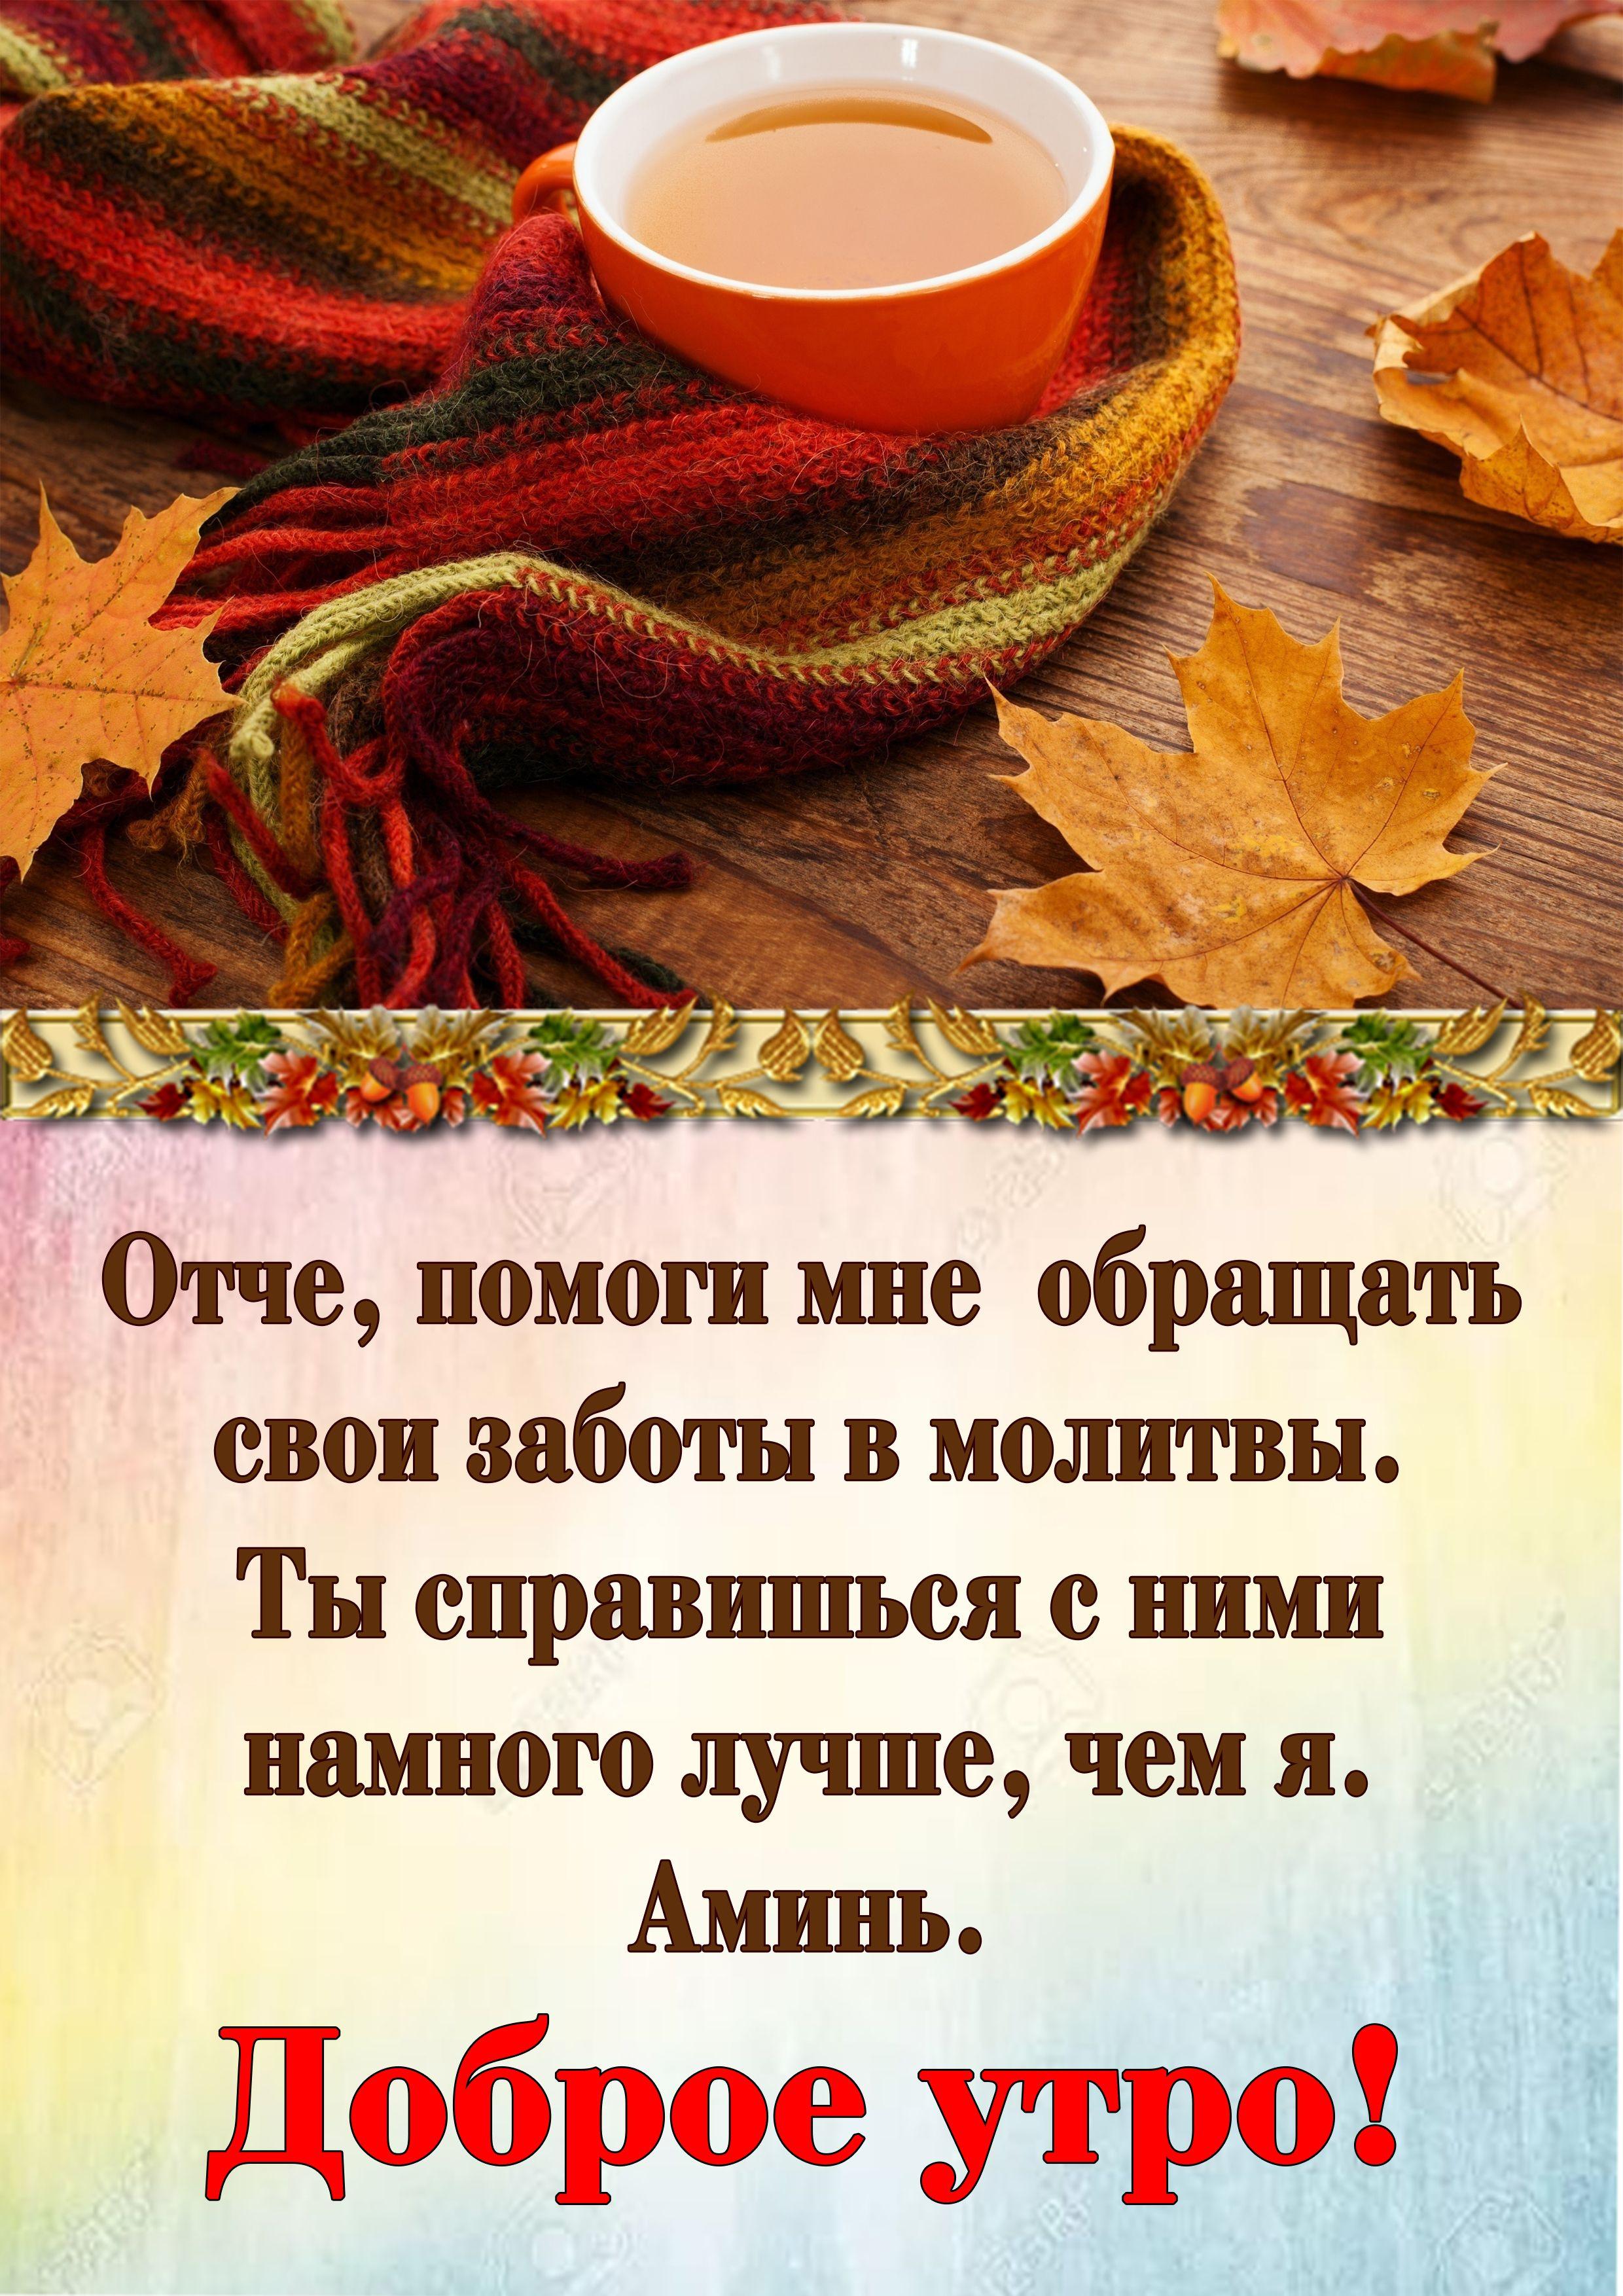 Православные картинки с надписями доброе утро, картинки про